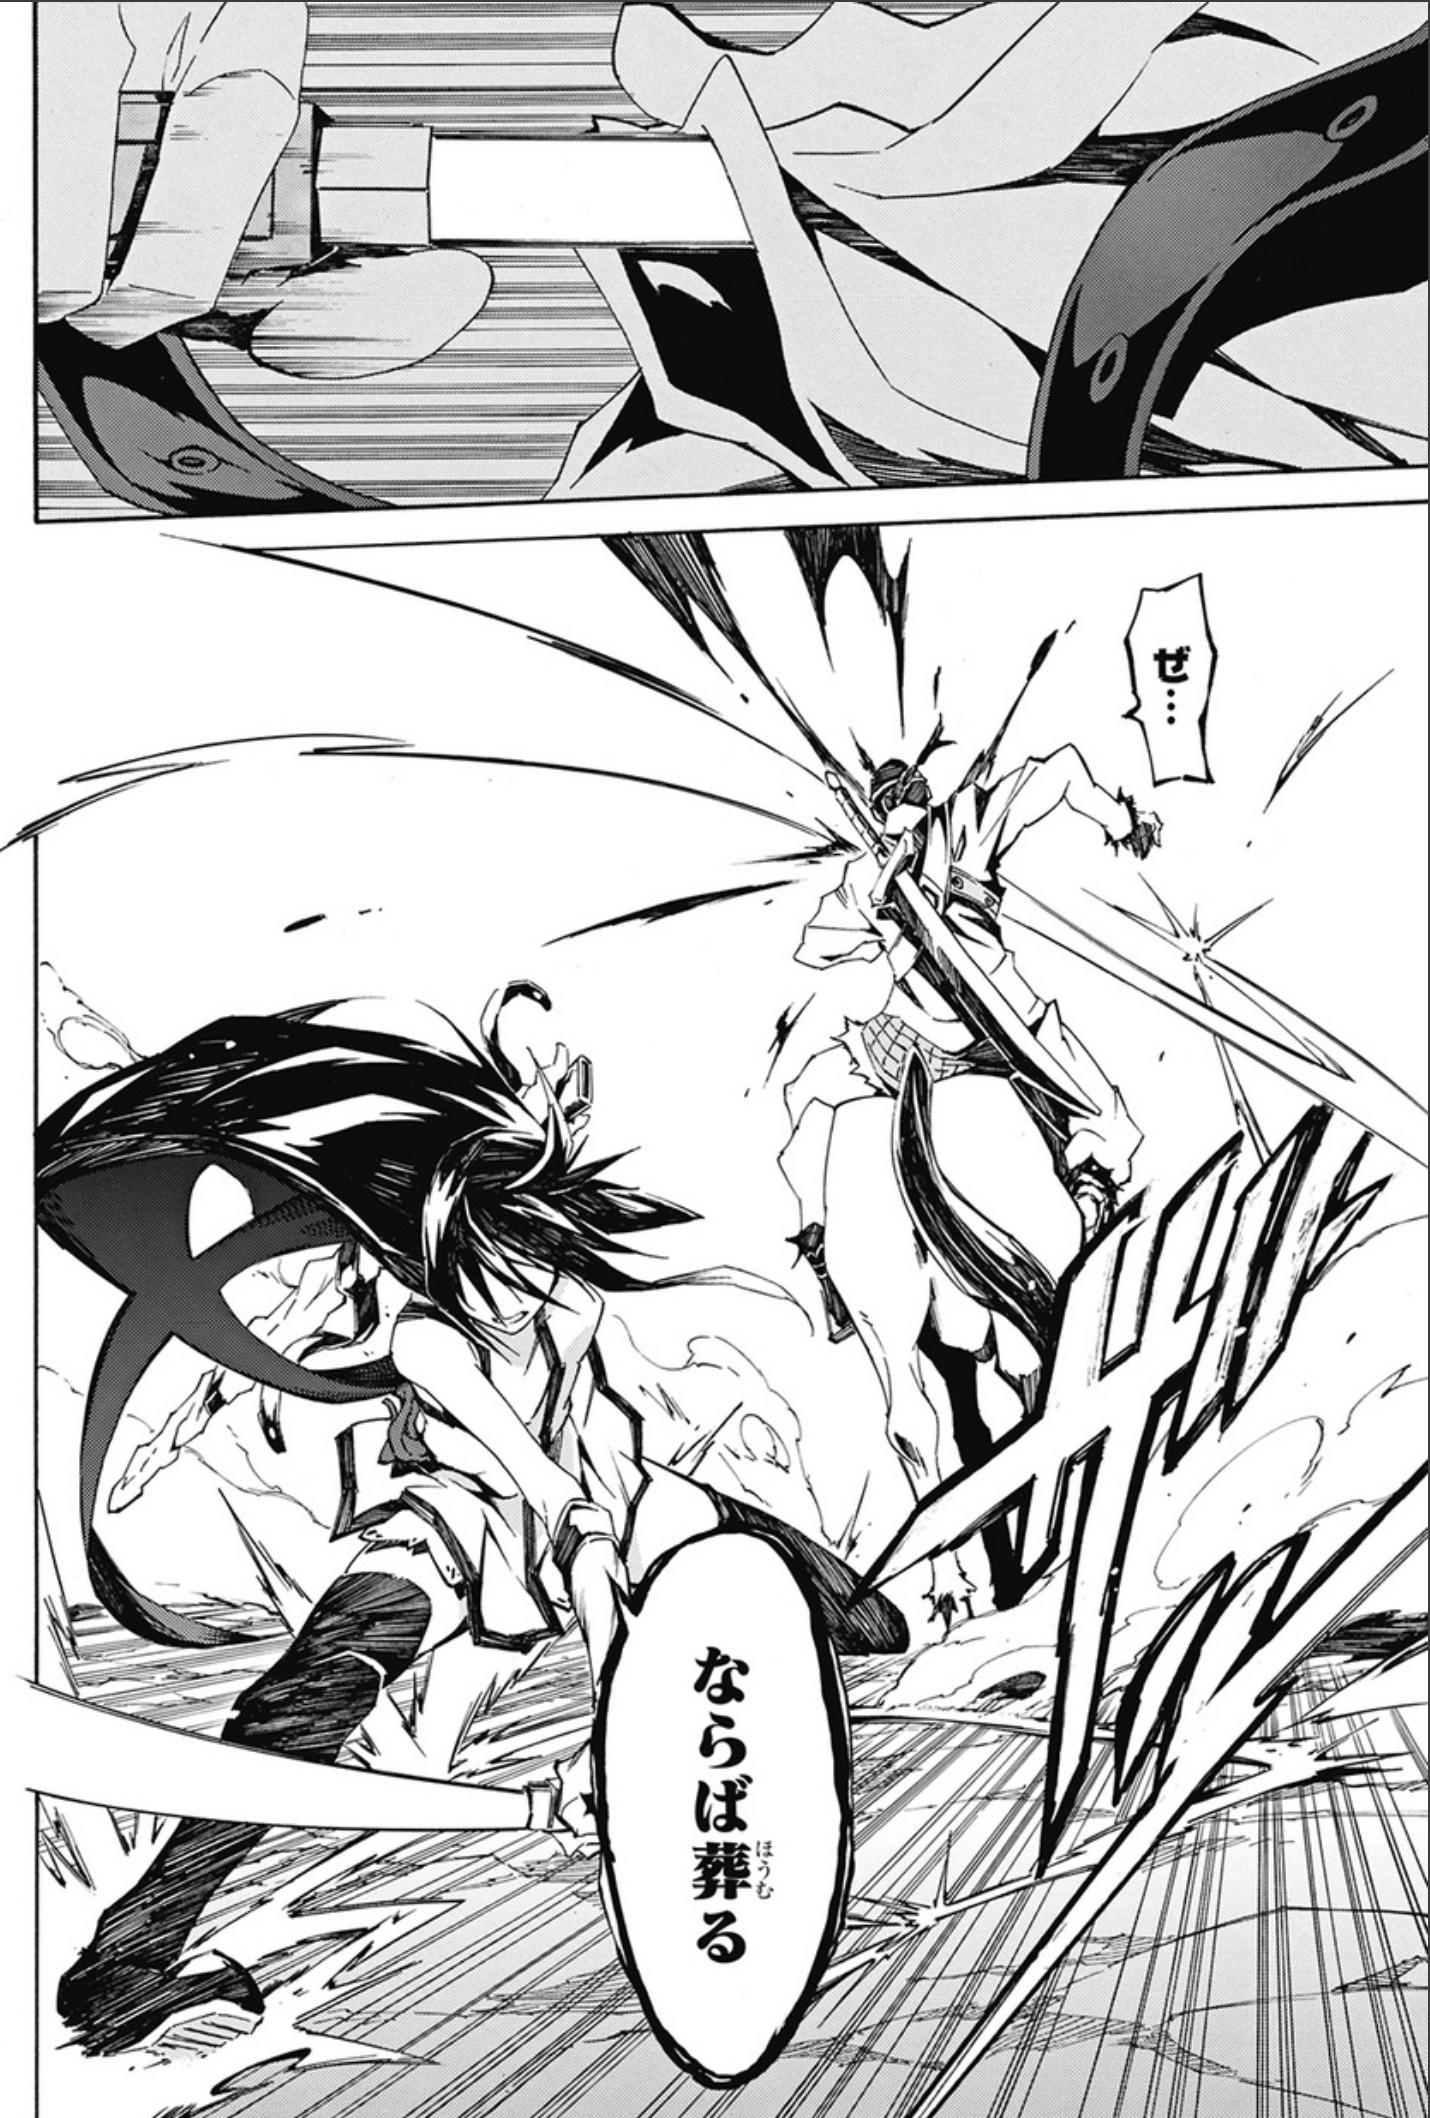 『アカメが斬る!零』の魅力をネタバレ紹介1:爽快でかっこいい戦闘シーン